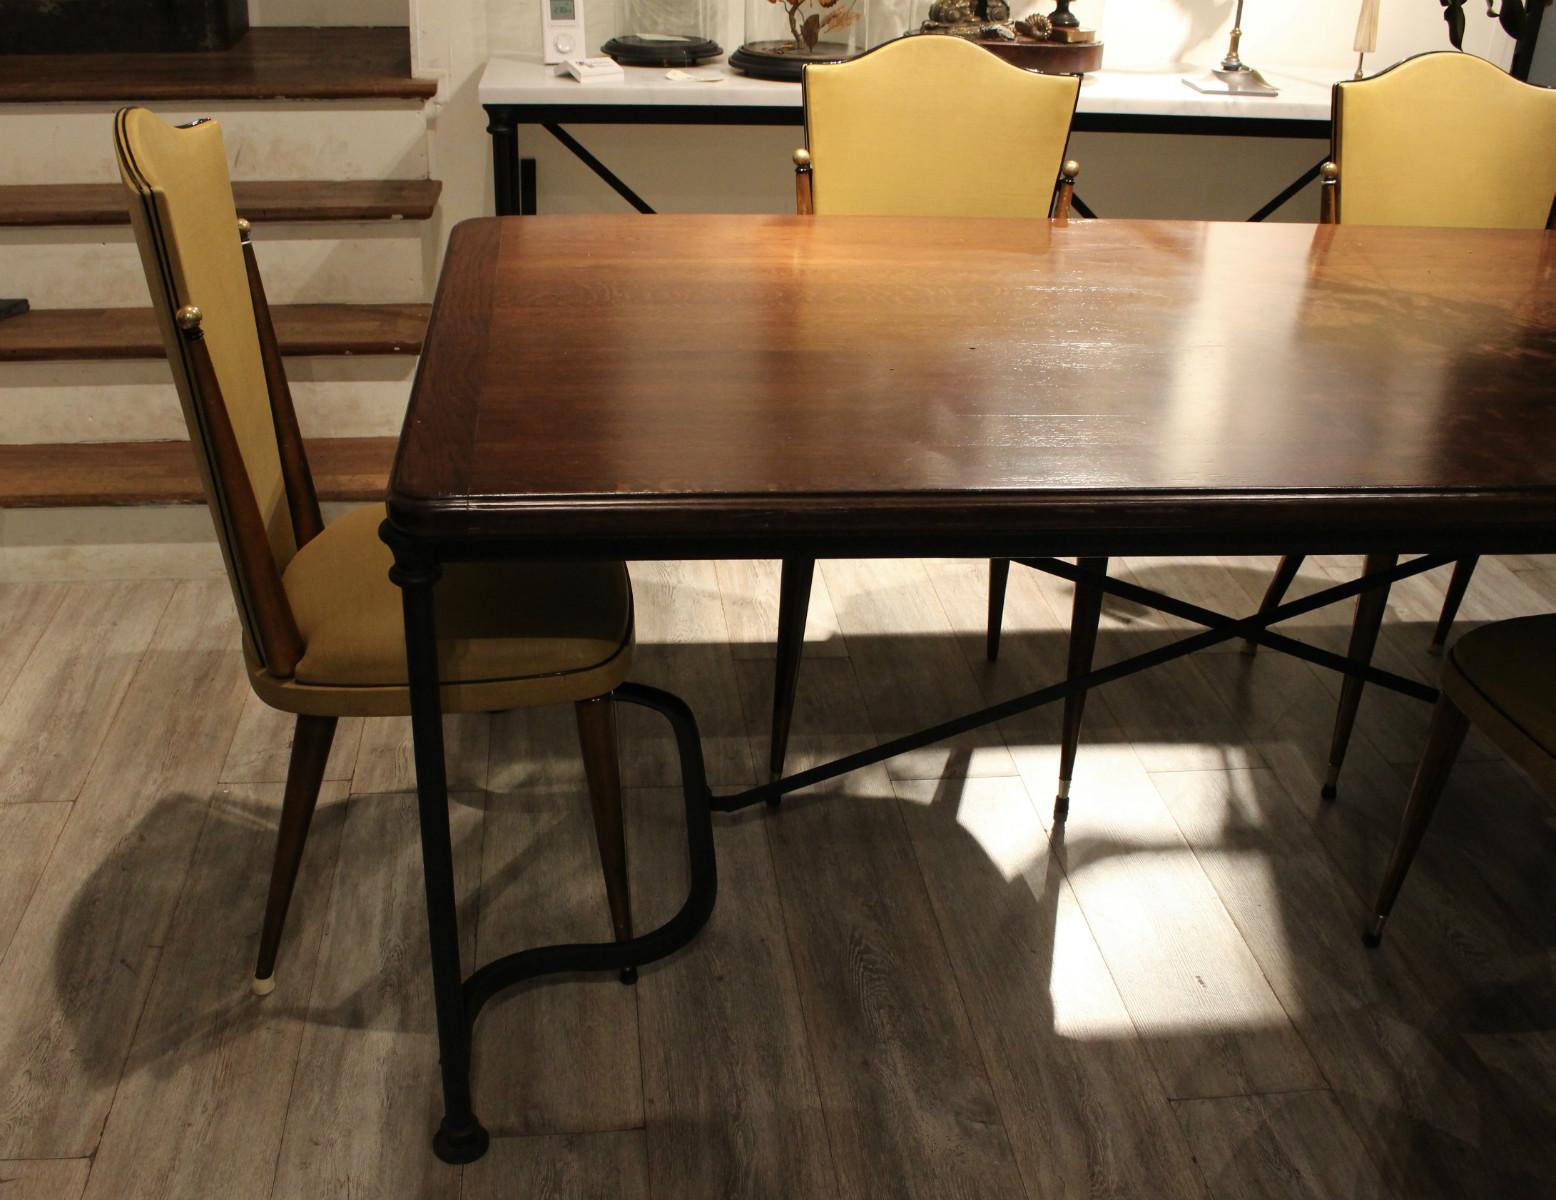 Table de salle manger sur mesure au petit parisien for Salle a manger petit prix